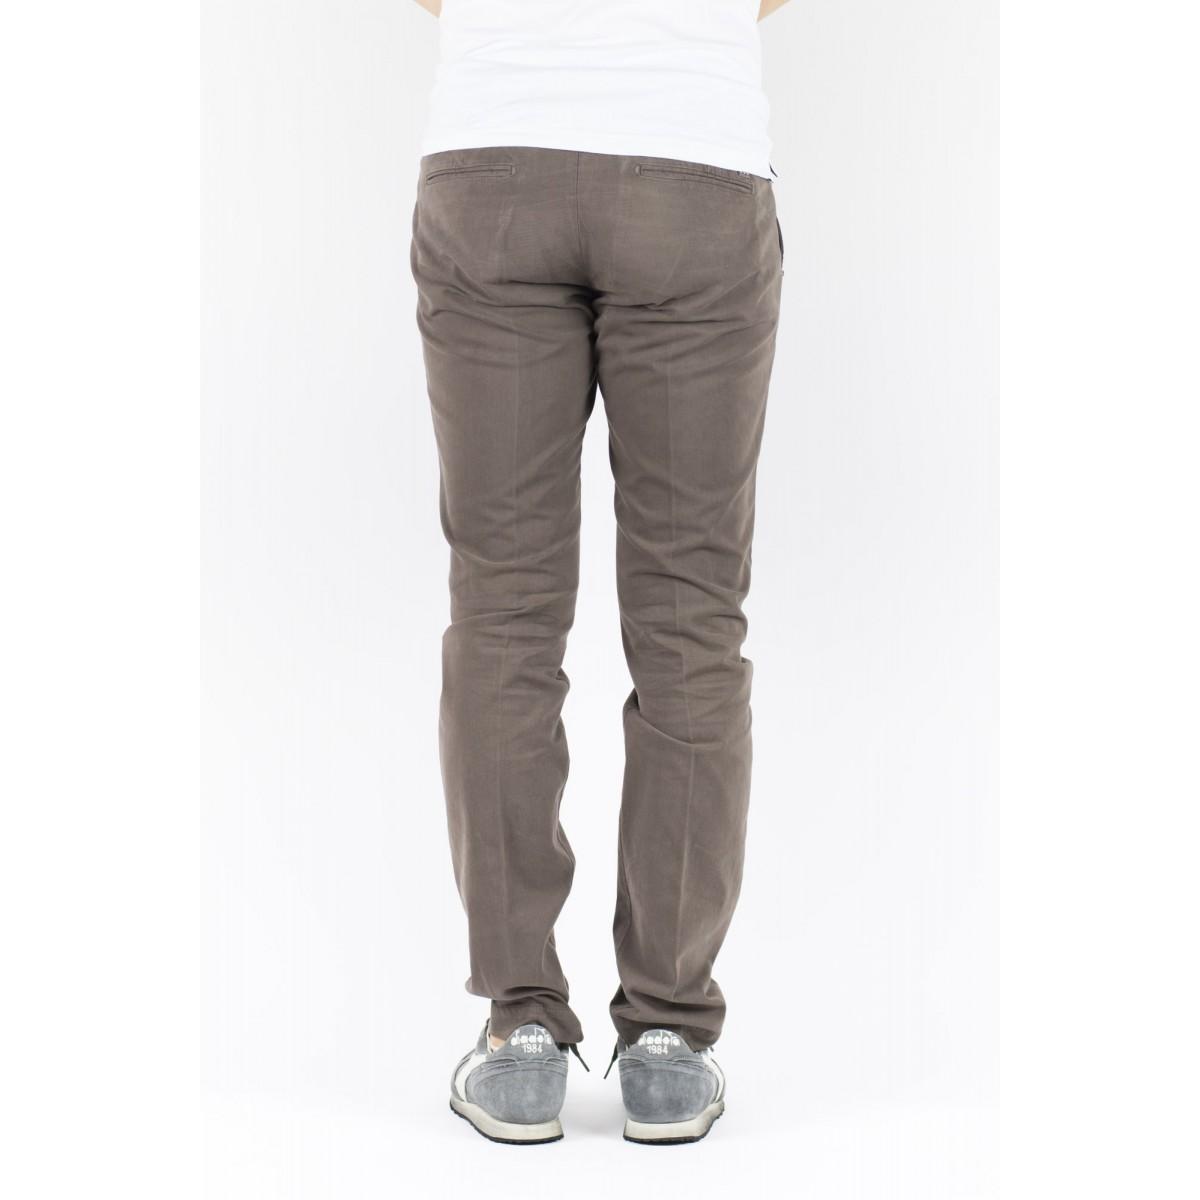 Trousers Entre Amis Man - A15 8201 501 - Cioccolato